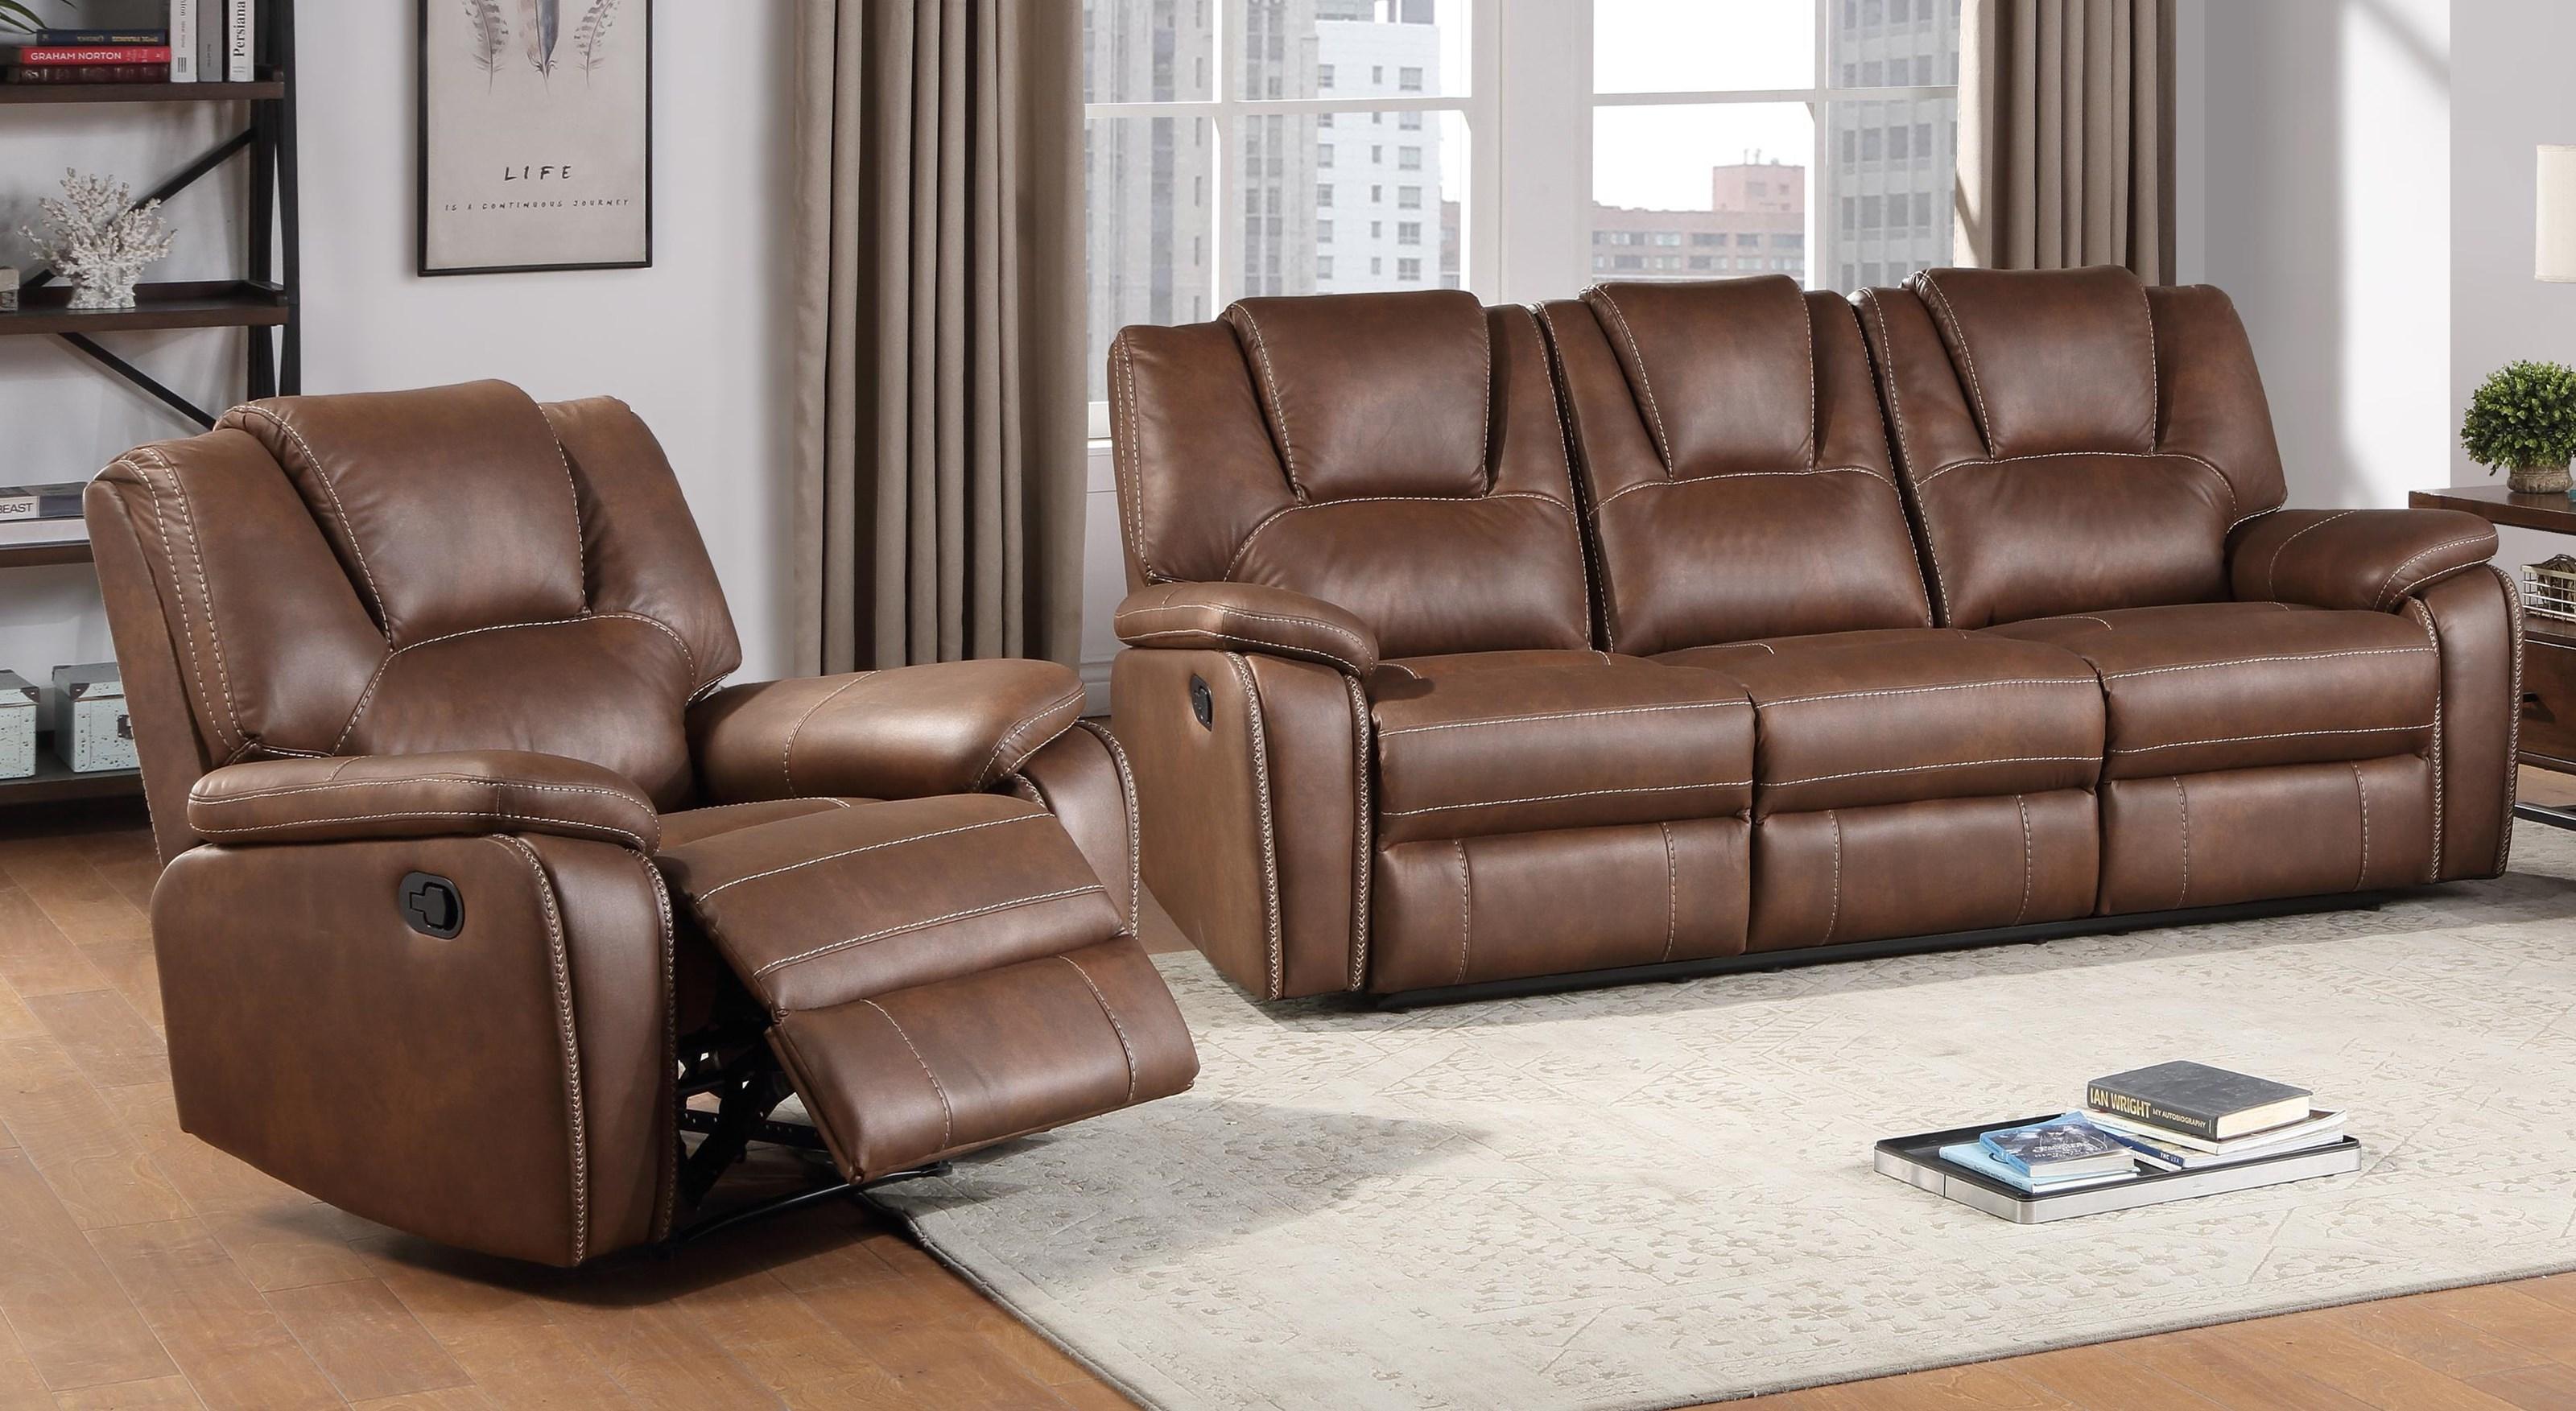 Reclining Sofa and Recliner Set